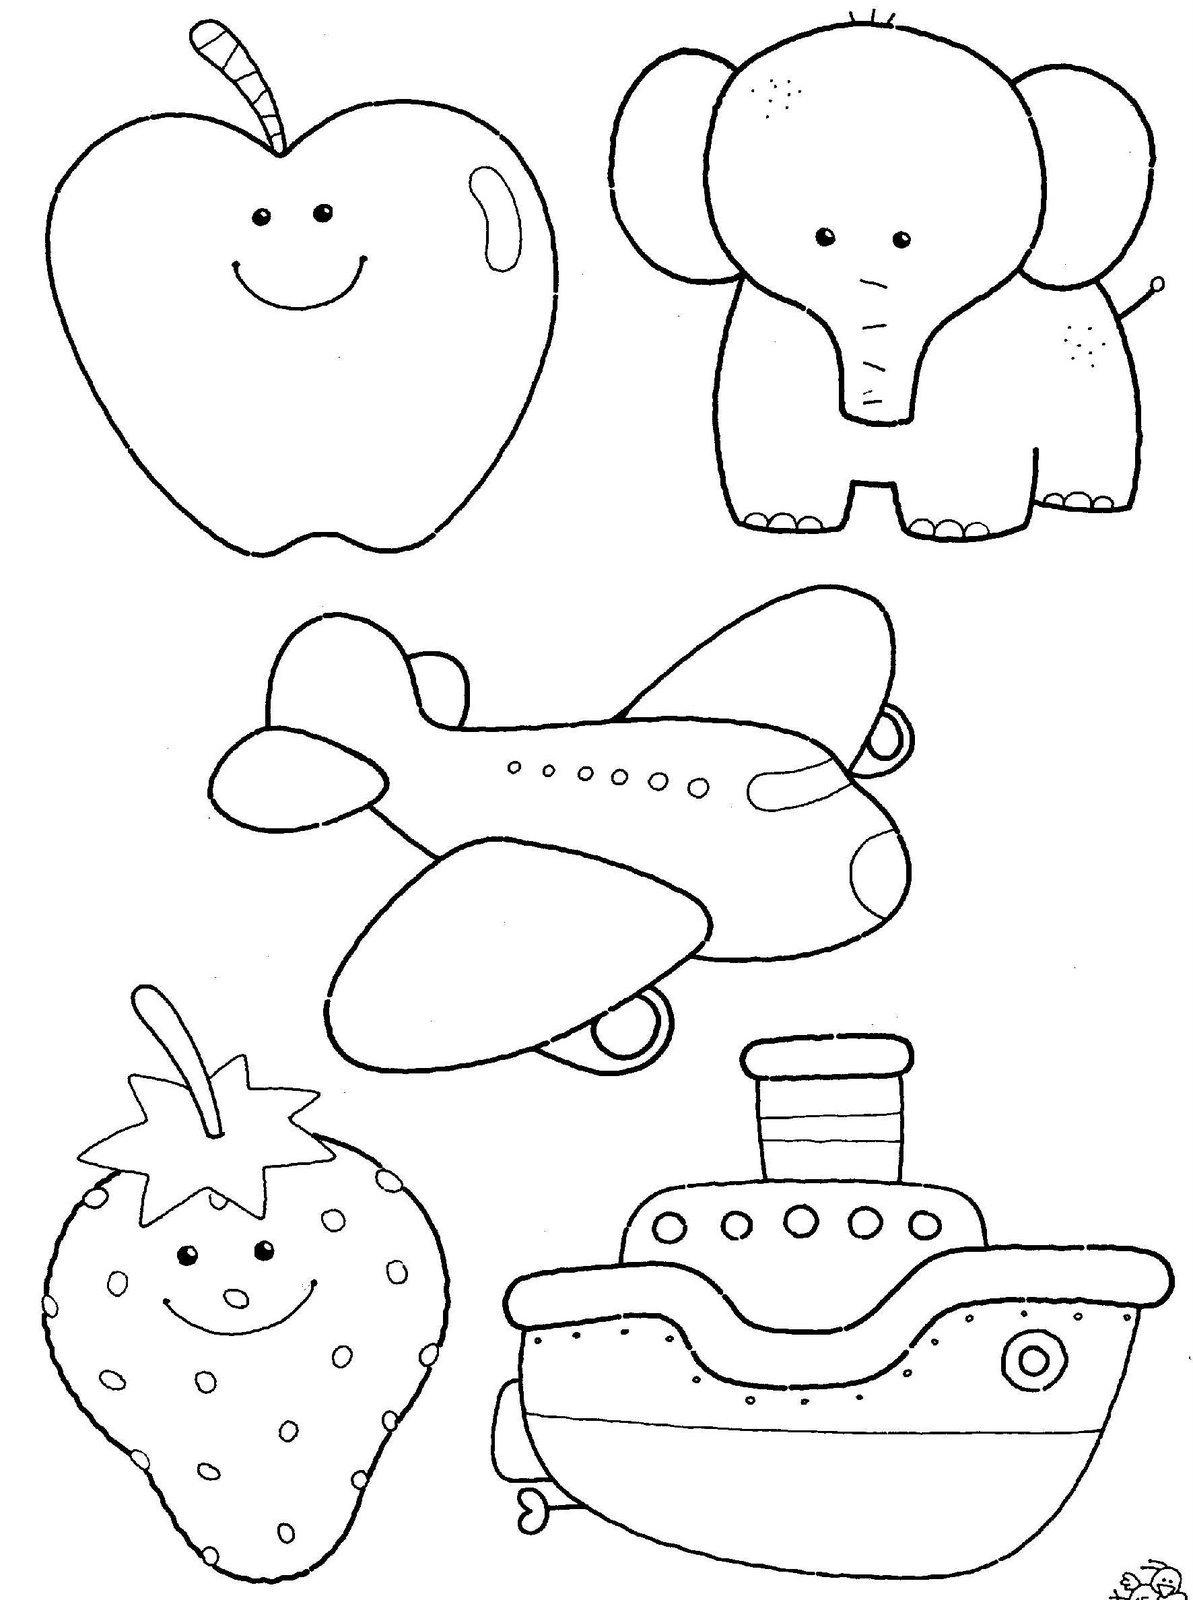 Desenhos Para Colorir De Bichinhos E Animais Fofos Free Coloring